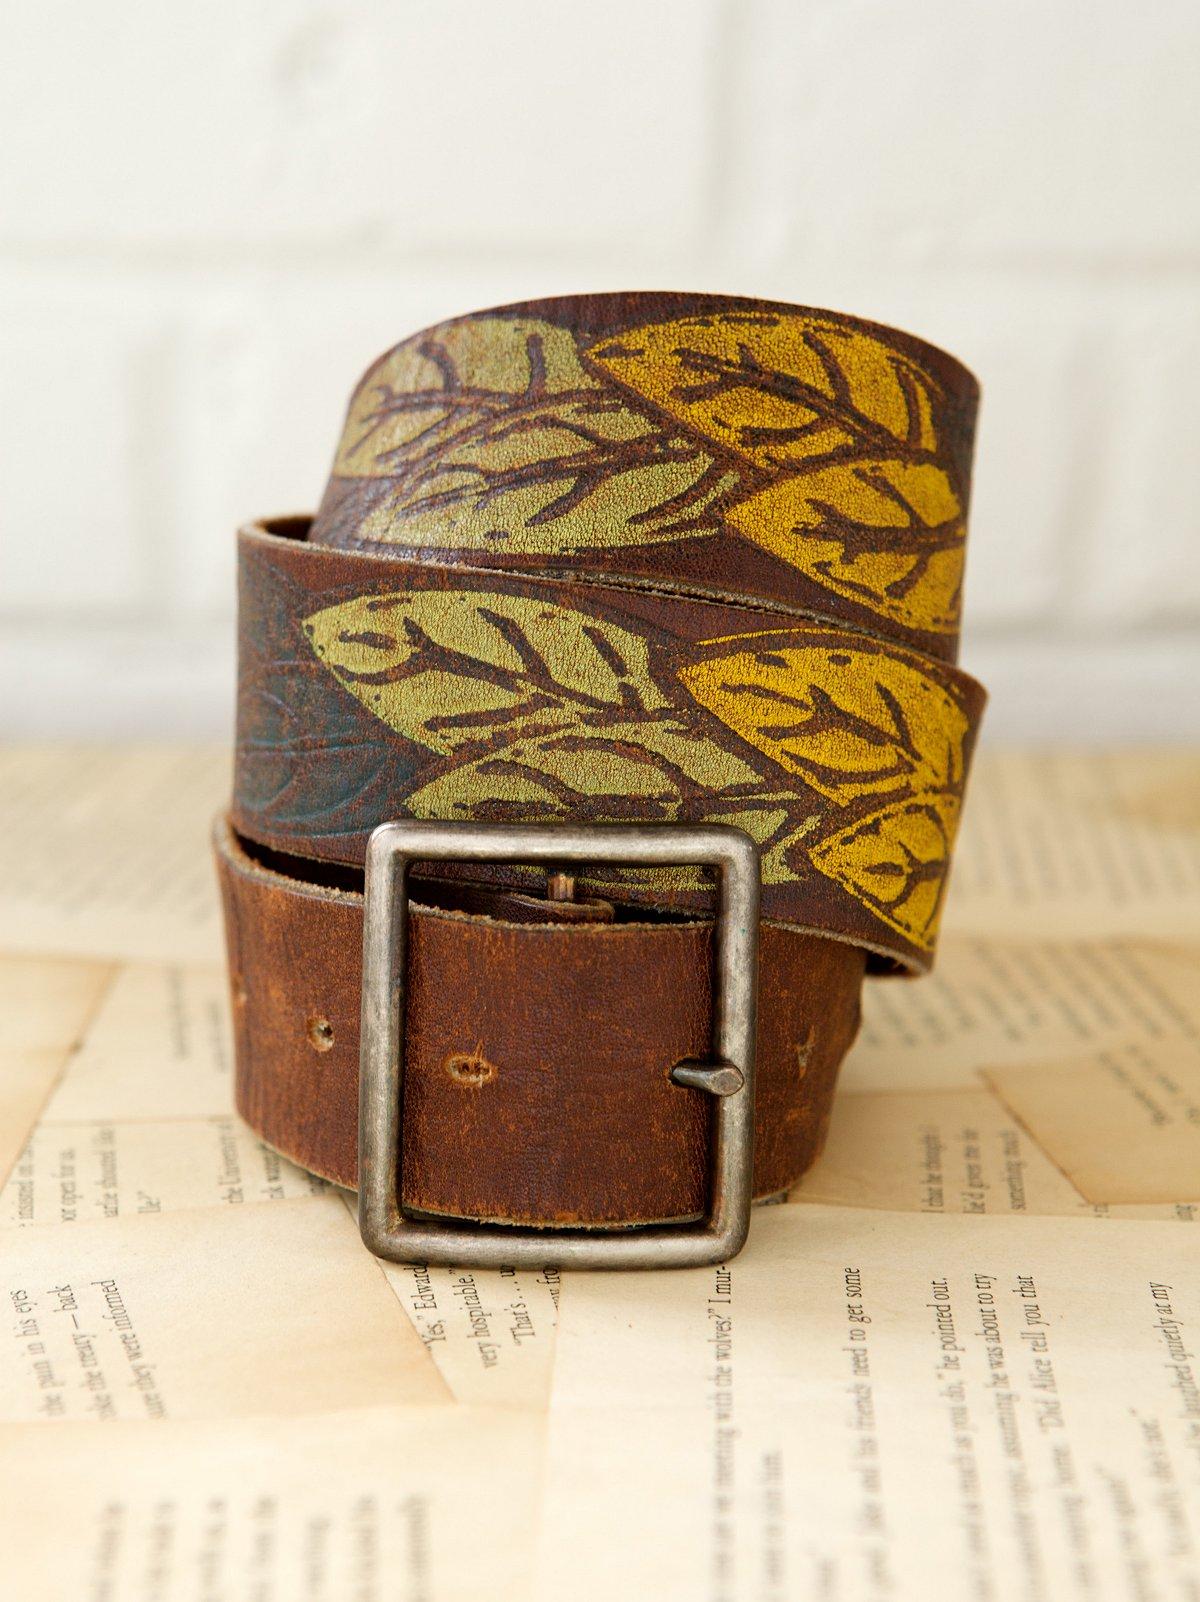 Vintage 1970s Littlewing Belt